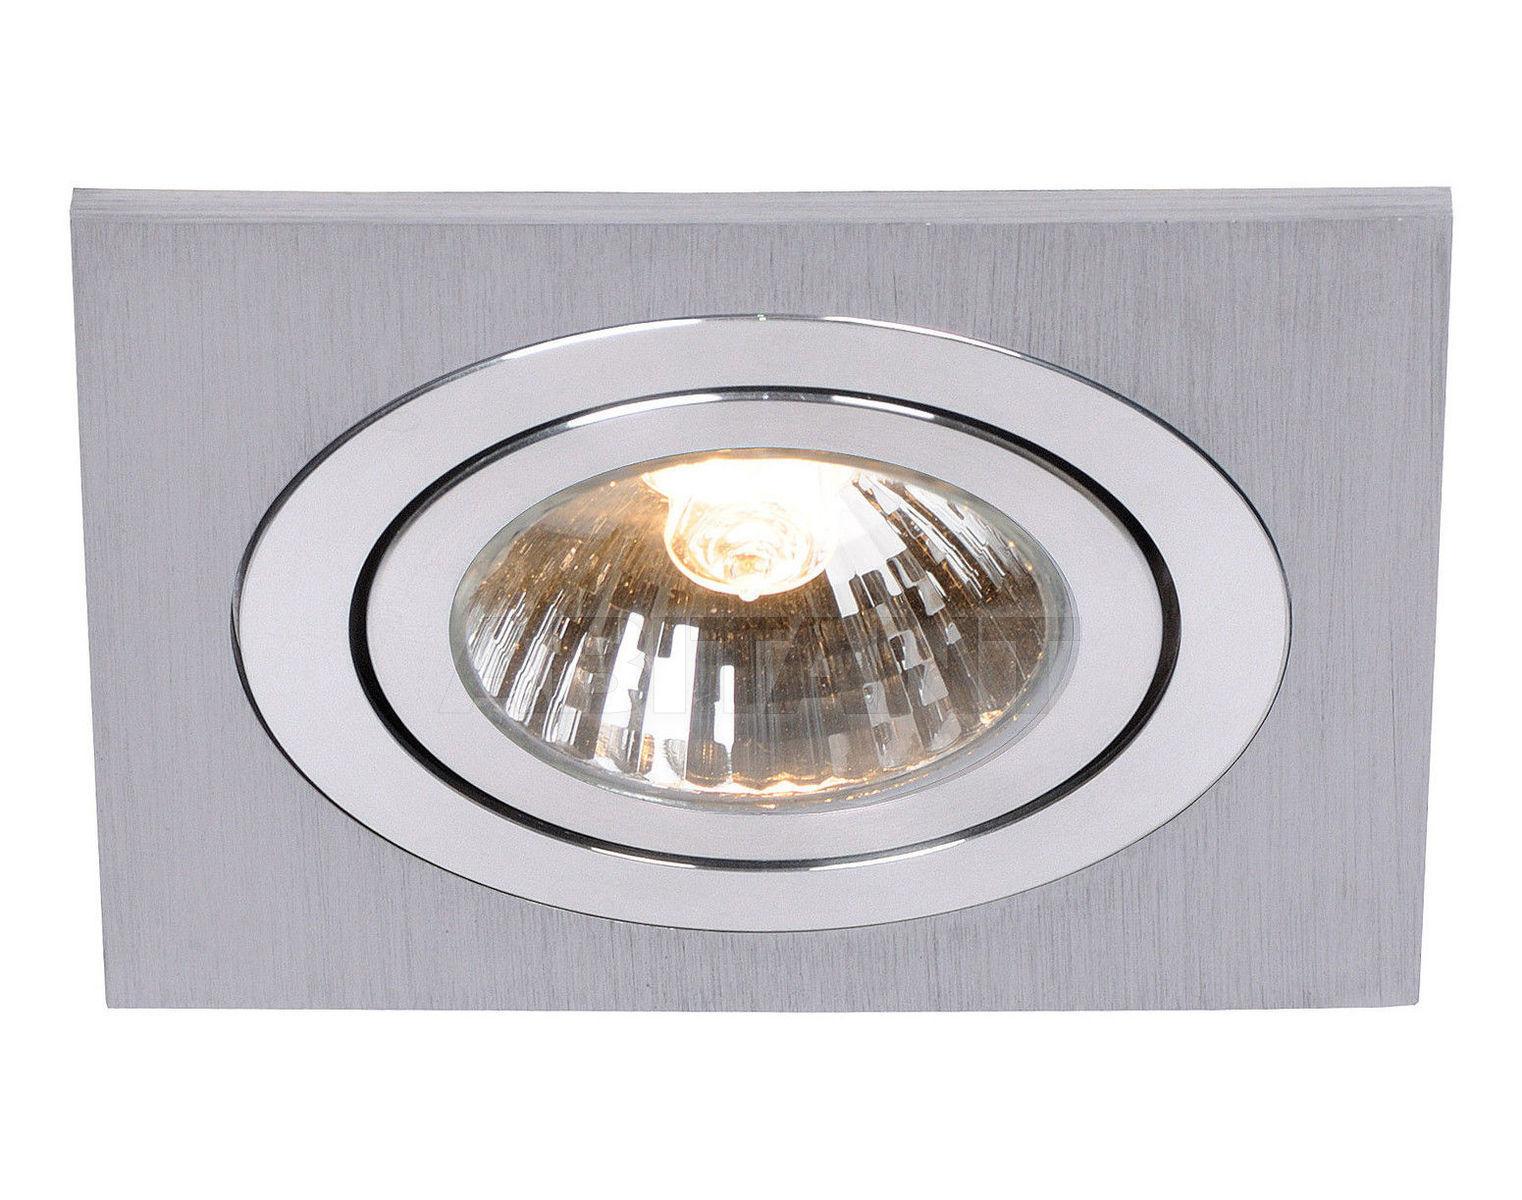 Купить Встраиваемый светильник CHATTY Lucide  Technical 28901/01/12